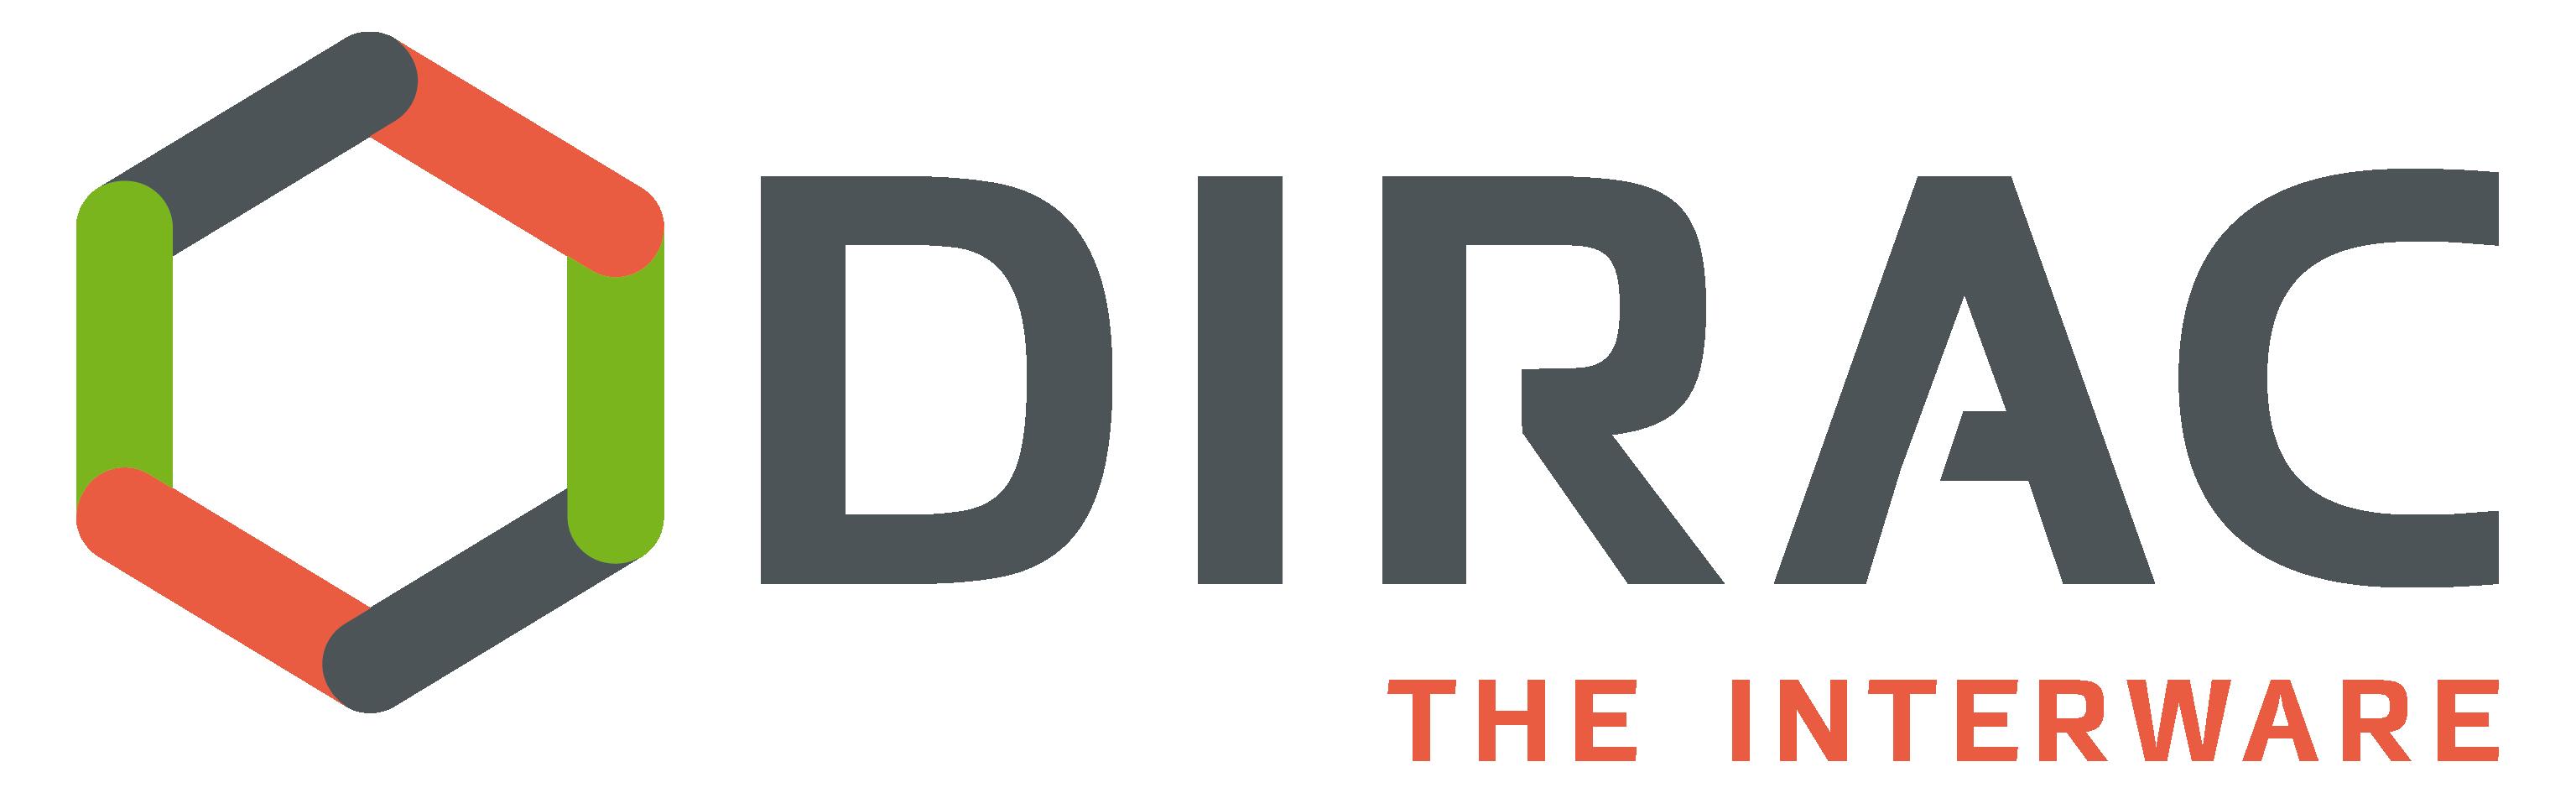 Платформа DIRAC, как инструмент объединения распределённых, разнородных вычислительных ресурсов